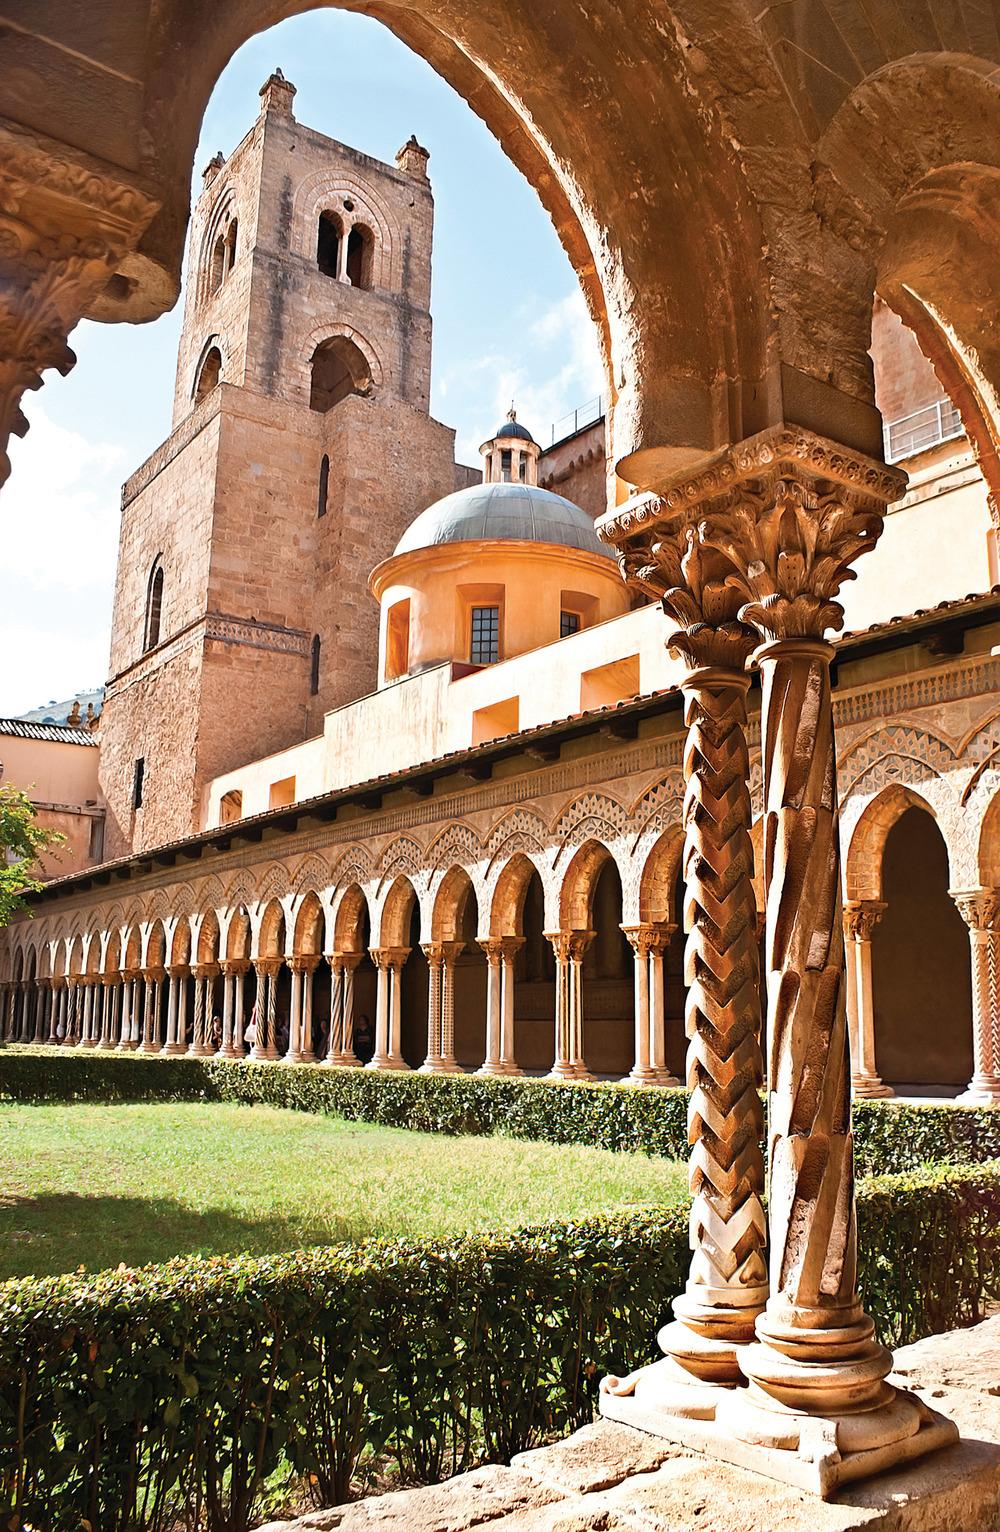 蒙雷阿萊大教堂的長廊共有108根大理石石柱,每一根上的馬賽克裝飾都各不相同。 eFesenko / Shutterstock.com